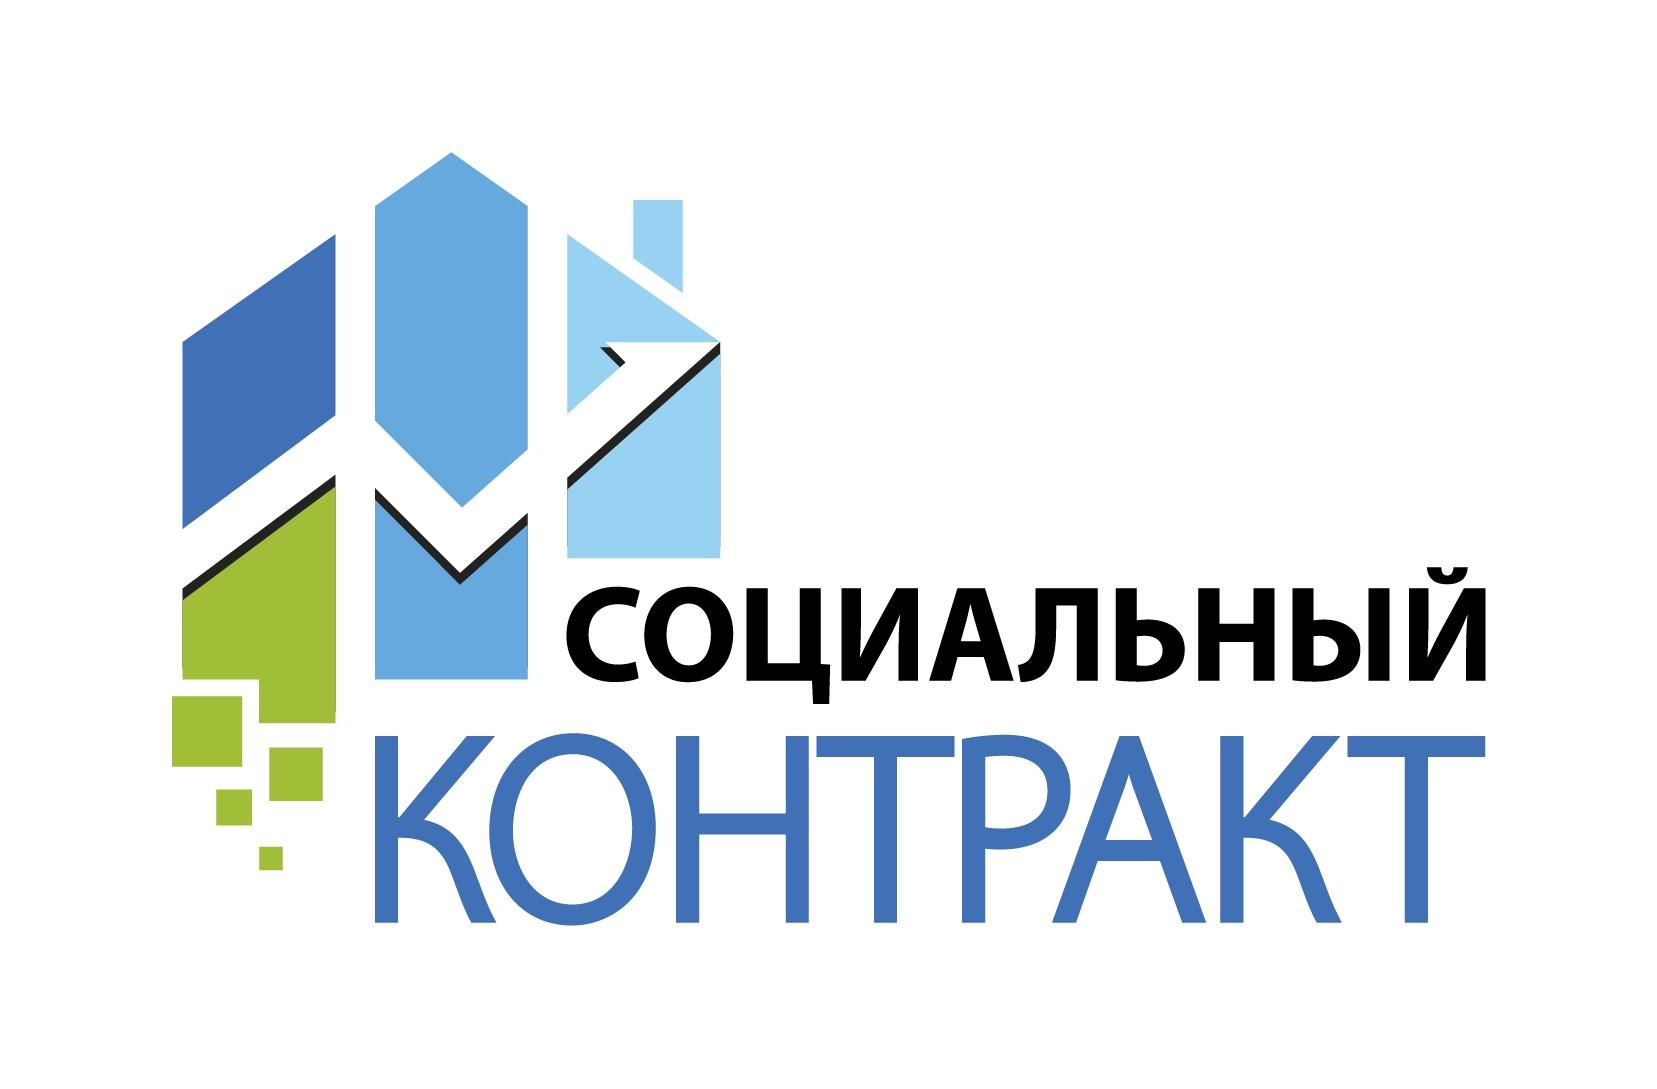 В Кузнецке заключено 199 социальных контрактов